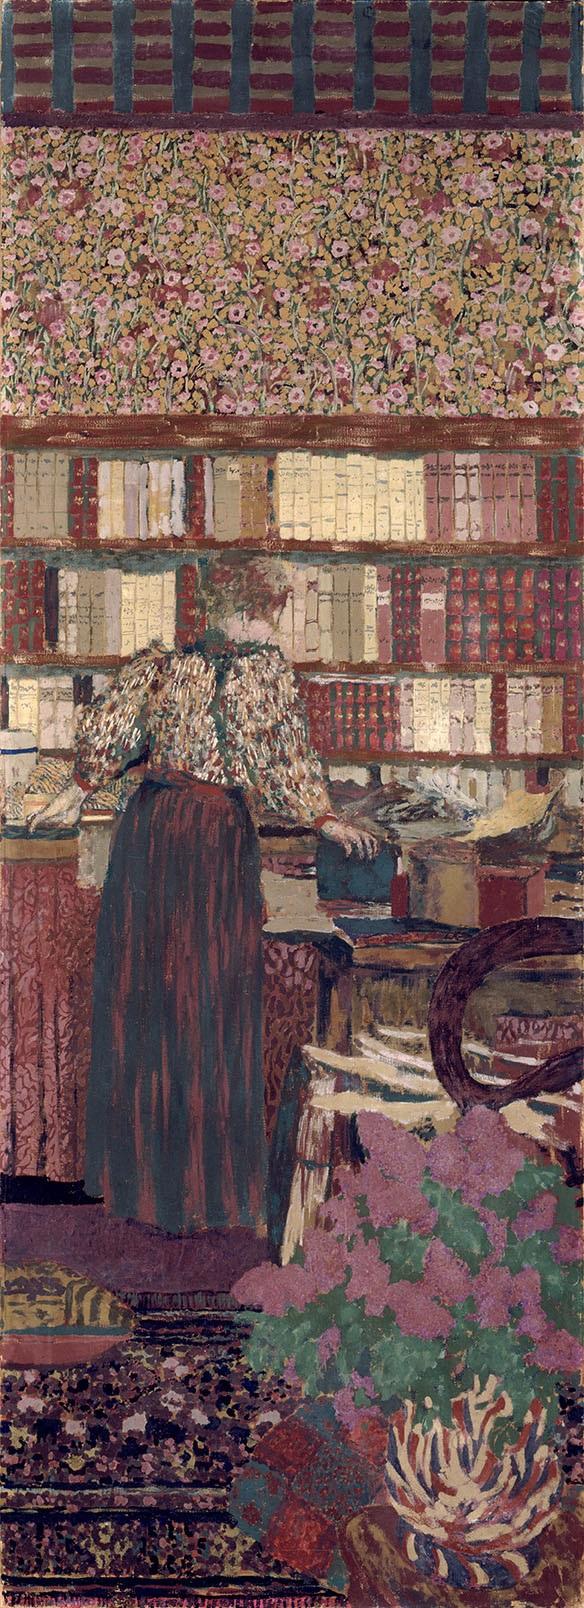 Personnages dans un intérieur : le choix des livres